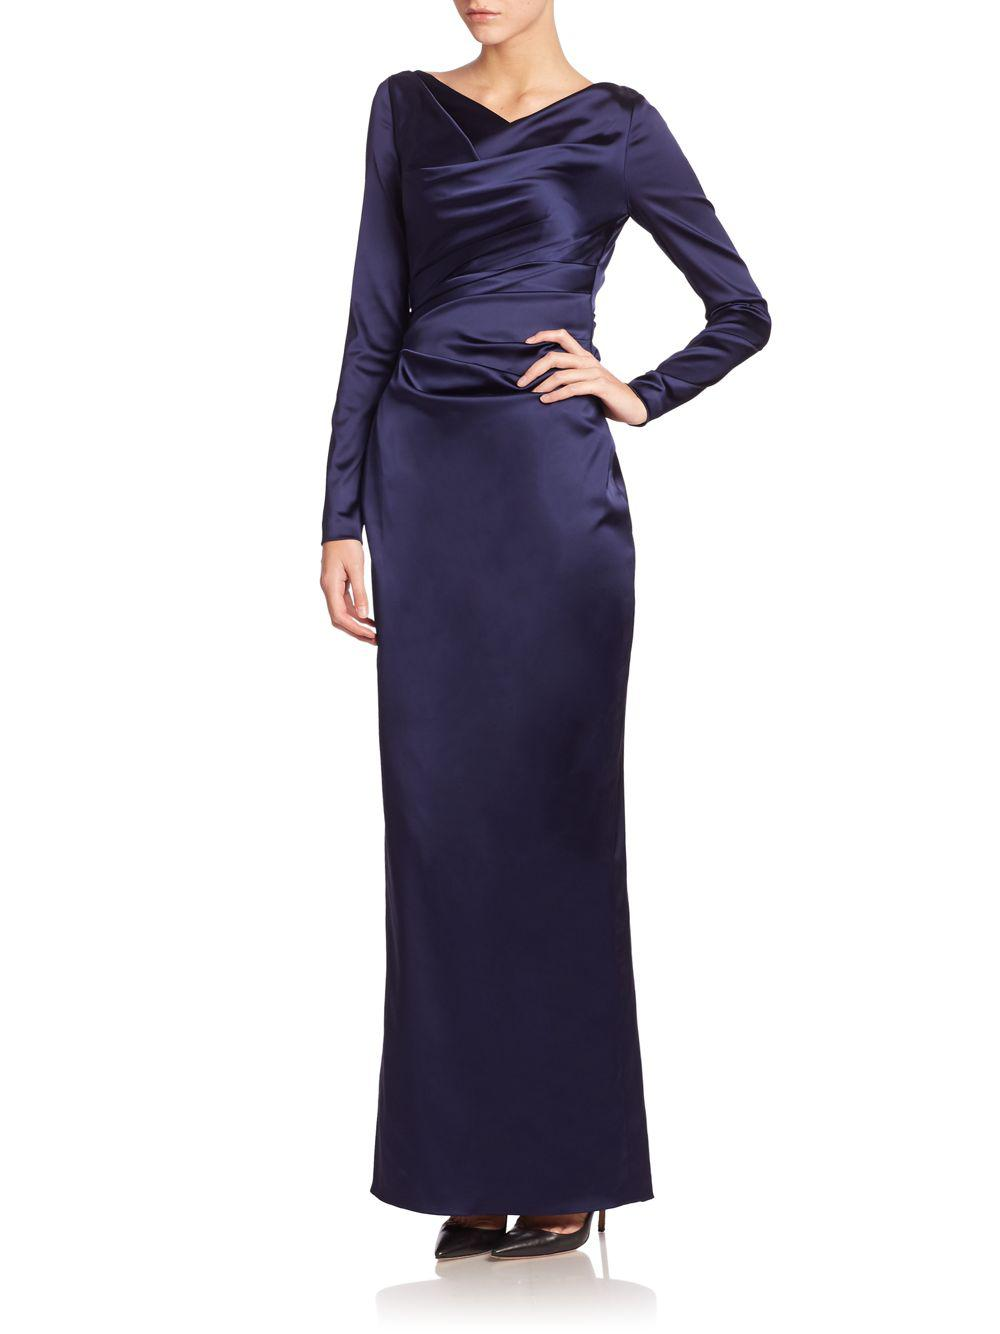 90d6b1eccbeb6 Lyst - Talbot Runhof Stretch Satin Duchesse Gown in Blue